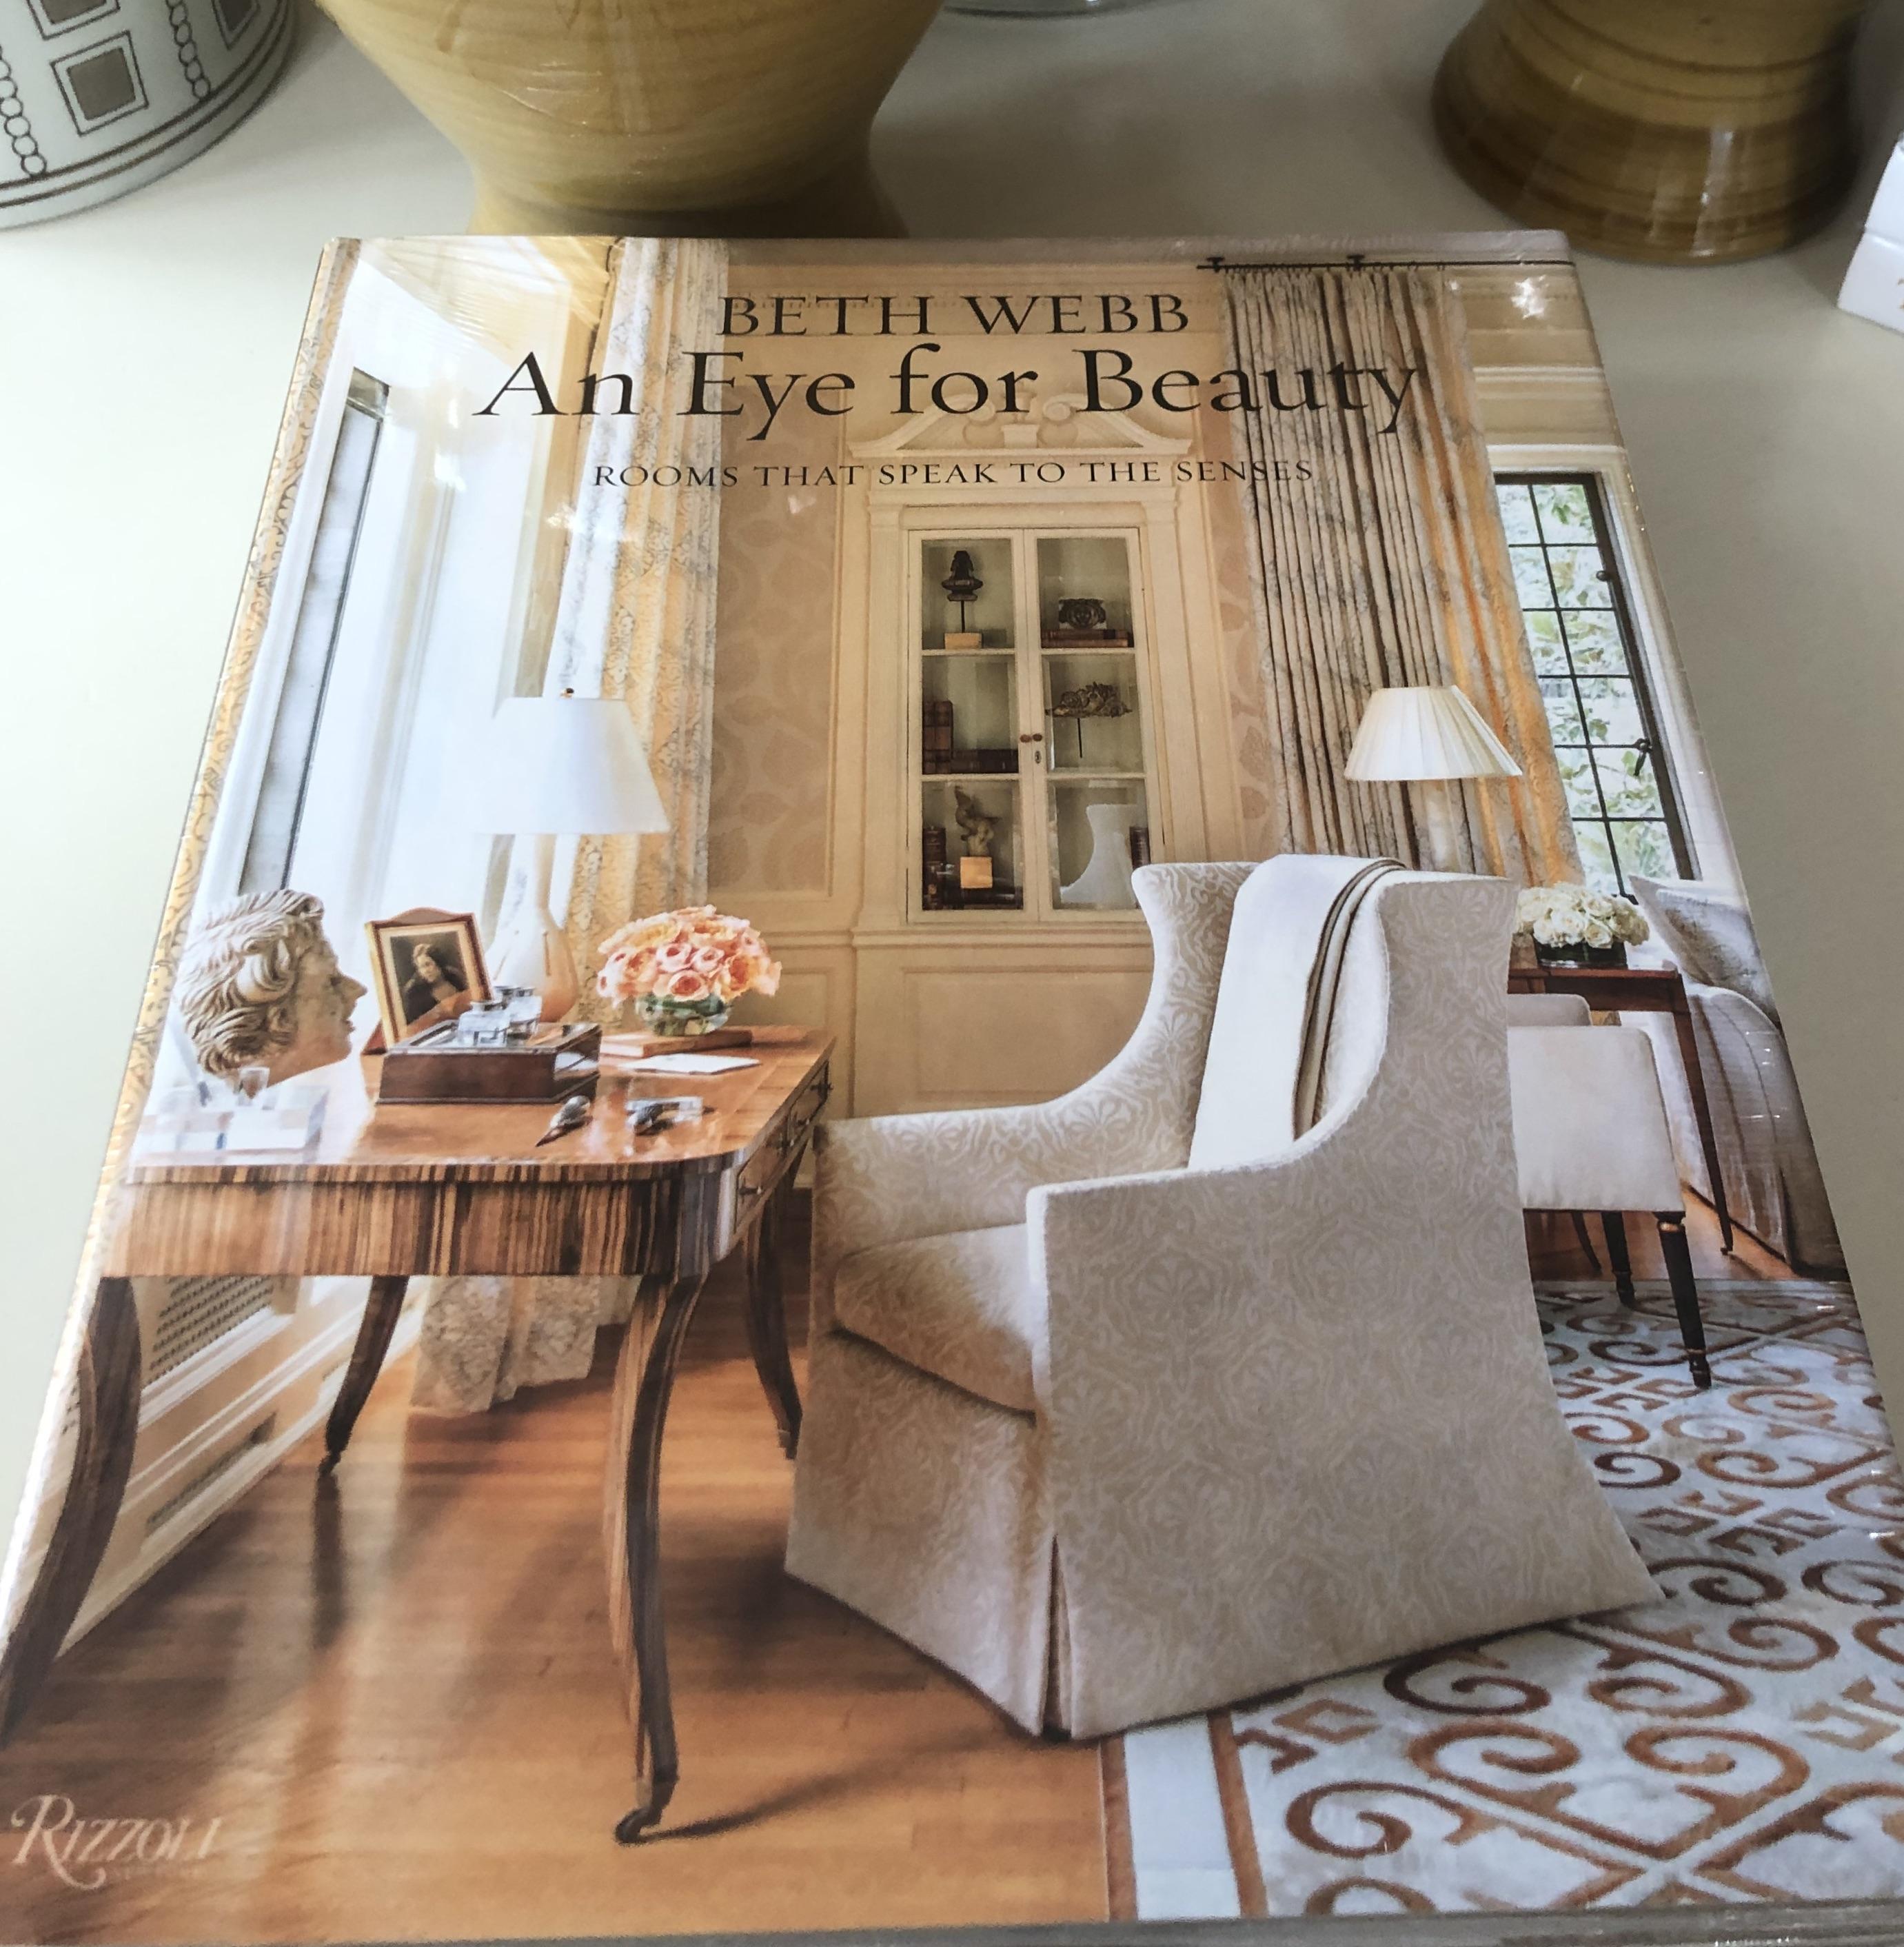 An Eye for Beauty by Beth Webb